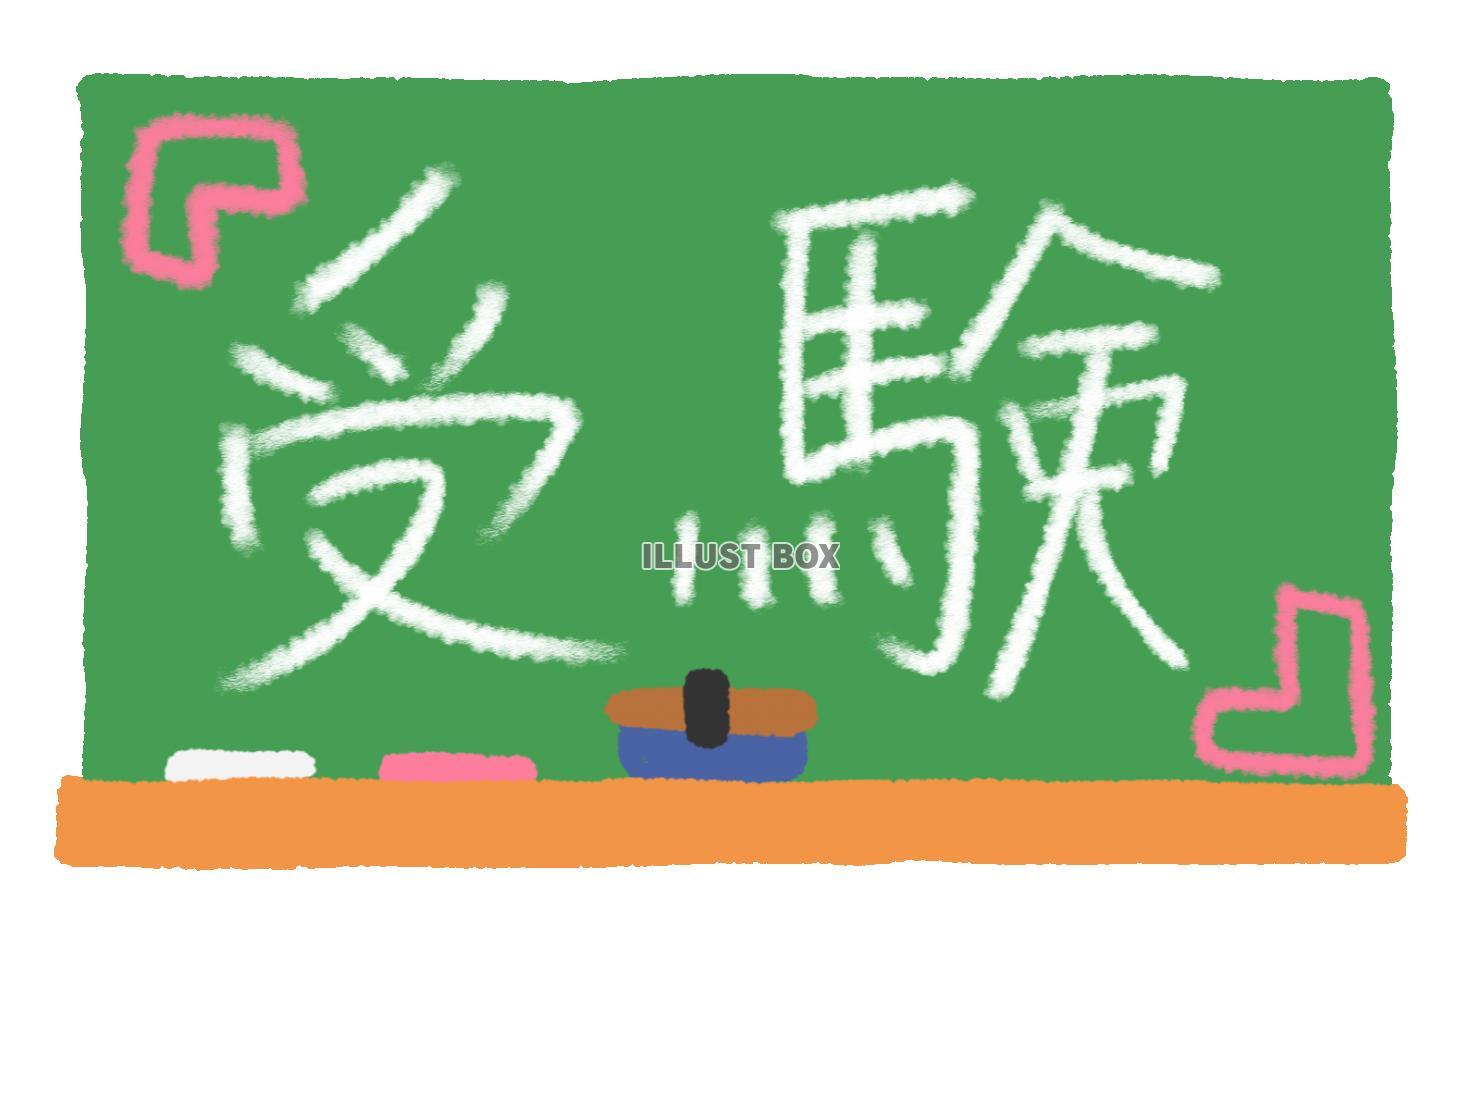 無料イラスト かわいい黒板と受験の文字